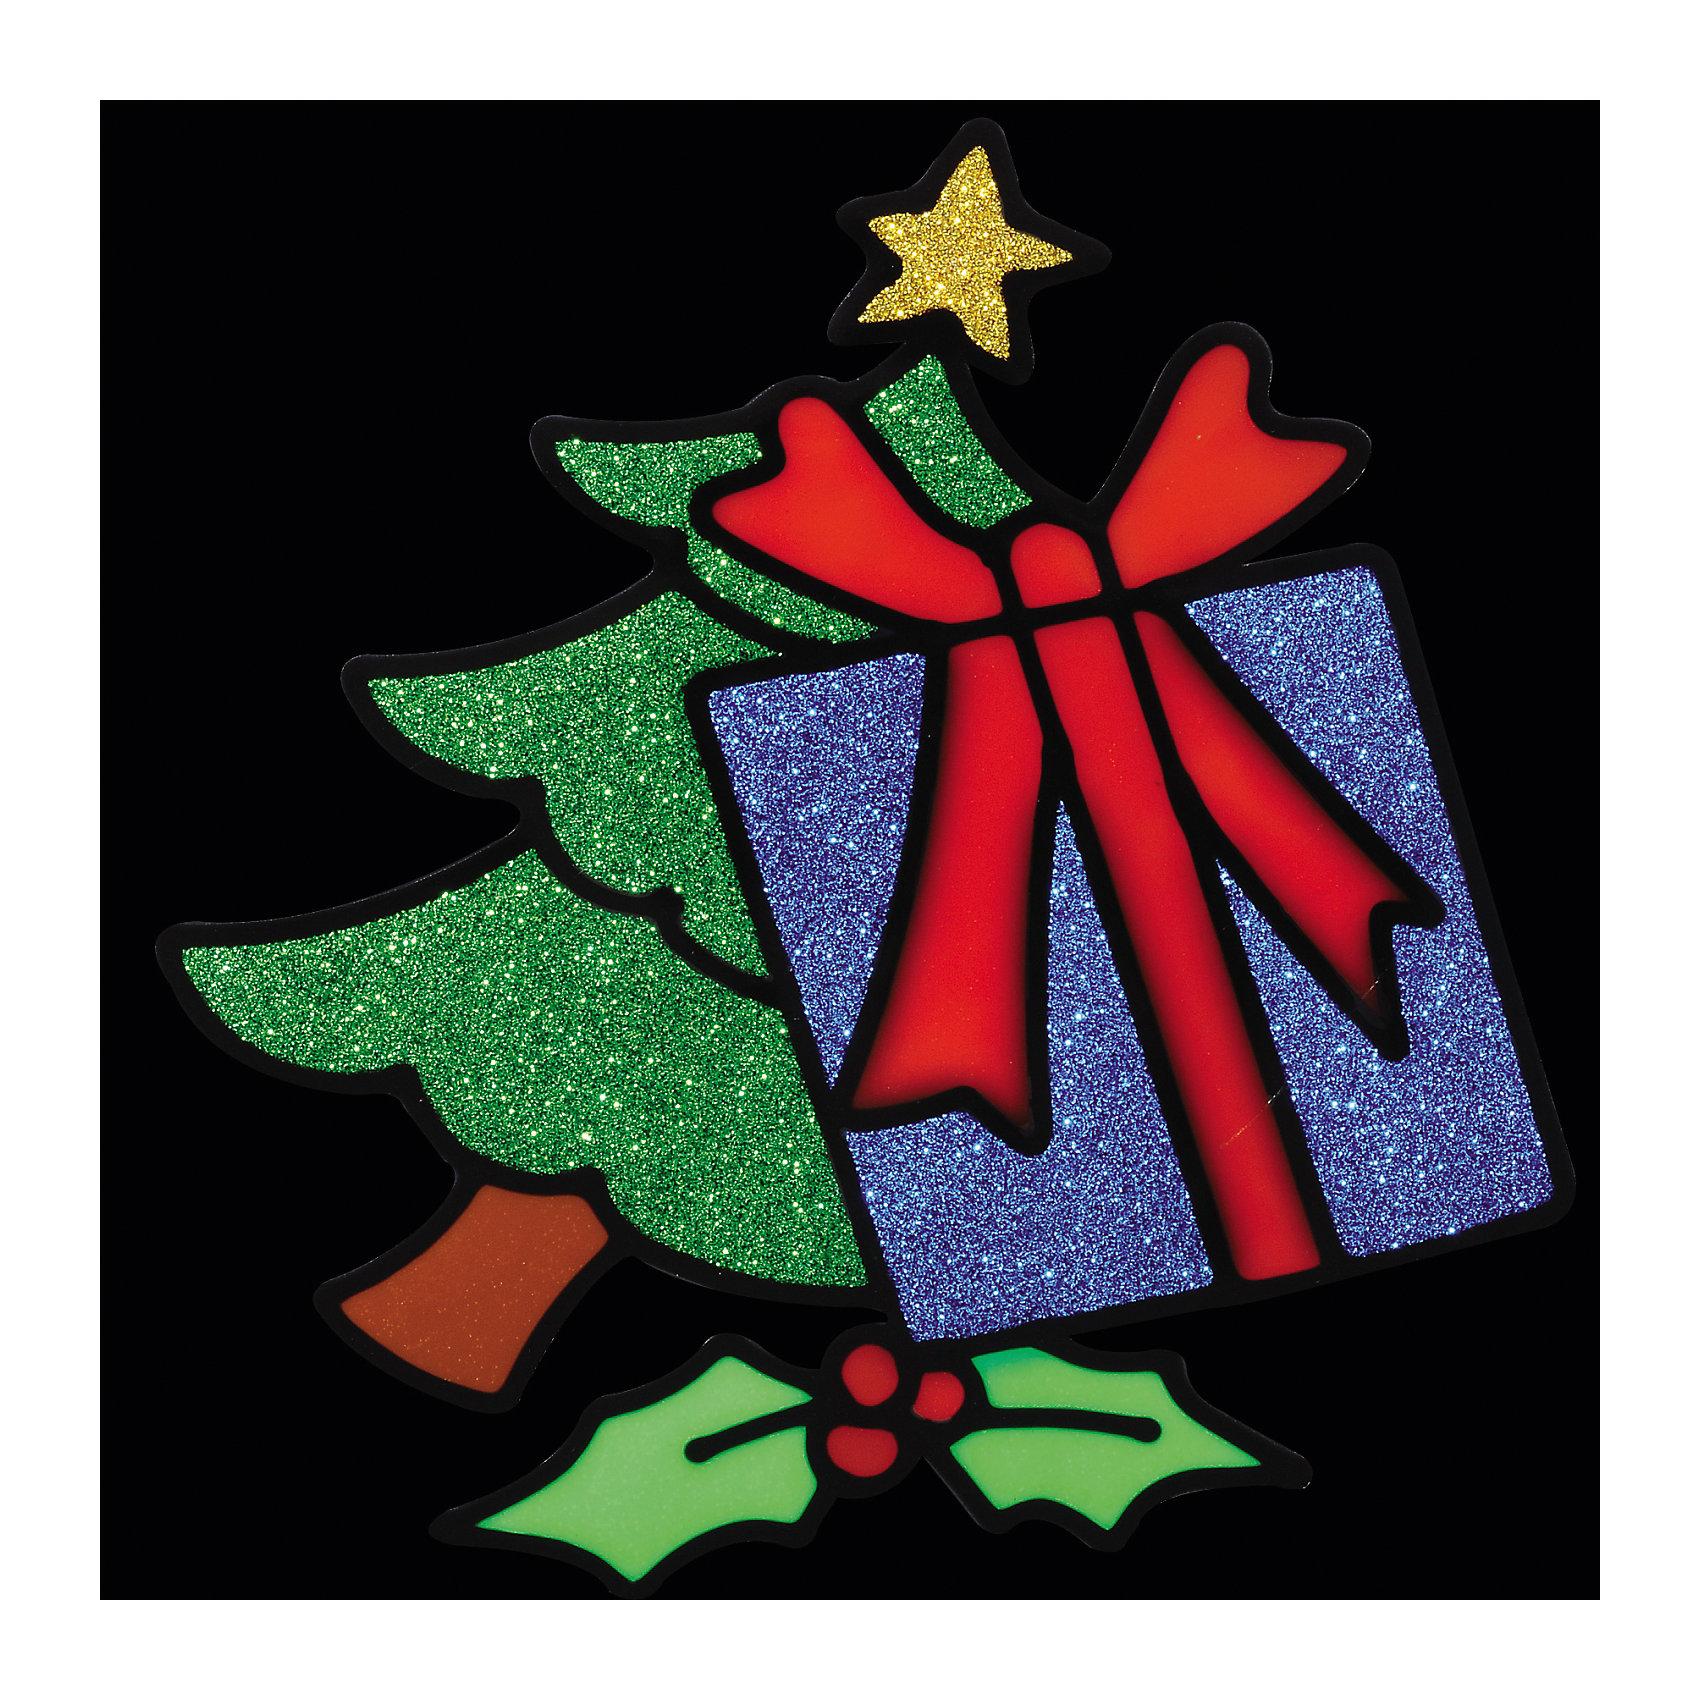 Наклейка на окно Подарки у ёлочки 15*15,5 смНовинки Новый Год<br>Наклейка на окно Подарки у ёлочки 15*15,5 см выполнена в виде новогодней елочки, коробки с подарком и рождественской омелы, и вся композиция усыпана яркими блестками. Сувенир замечательно украсит новогодний интерьер и создаст праздничное настроение Вам и Вашим близким!  <br><br>Дополнительная информация:<br>-Материалы: силикон<br>-Размер в упаковке: 15х0,5х15,5 см<br>-Вес в упаковке: 26 г<br>-Размер: 15х15,5 см<br><br>Наклейка на окно Подарки у ёлочки 15*15,5 см можно купить в нашем магазине.<br><br>Ширина мм: 150<br>Глубина мм: 5<br>Высота мм: 155<br>Вес г: 26<br>Возраст от месяцев: 84<br>Возраст до месяцев: 2147483647<br>Пол: Унисекс<br>Возраст: Детский<br>SKU: 4286715